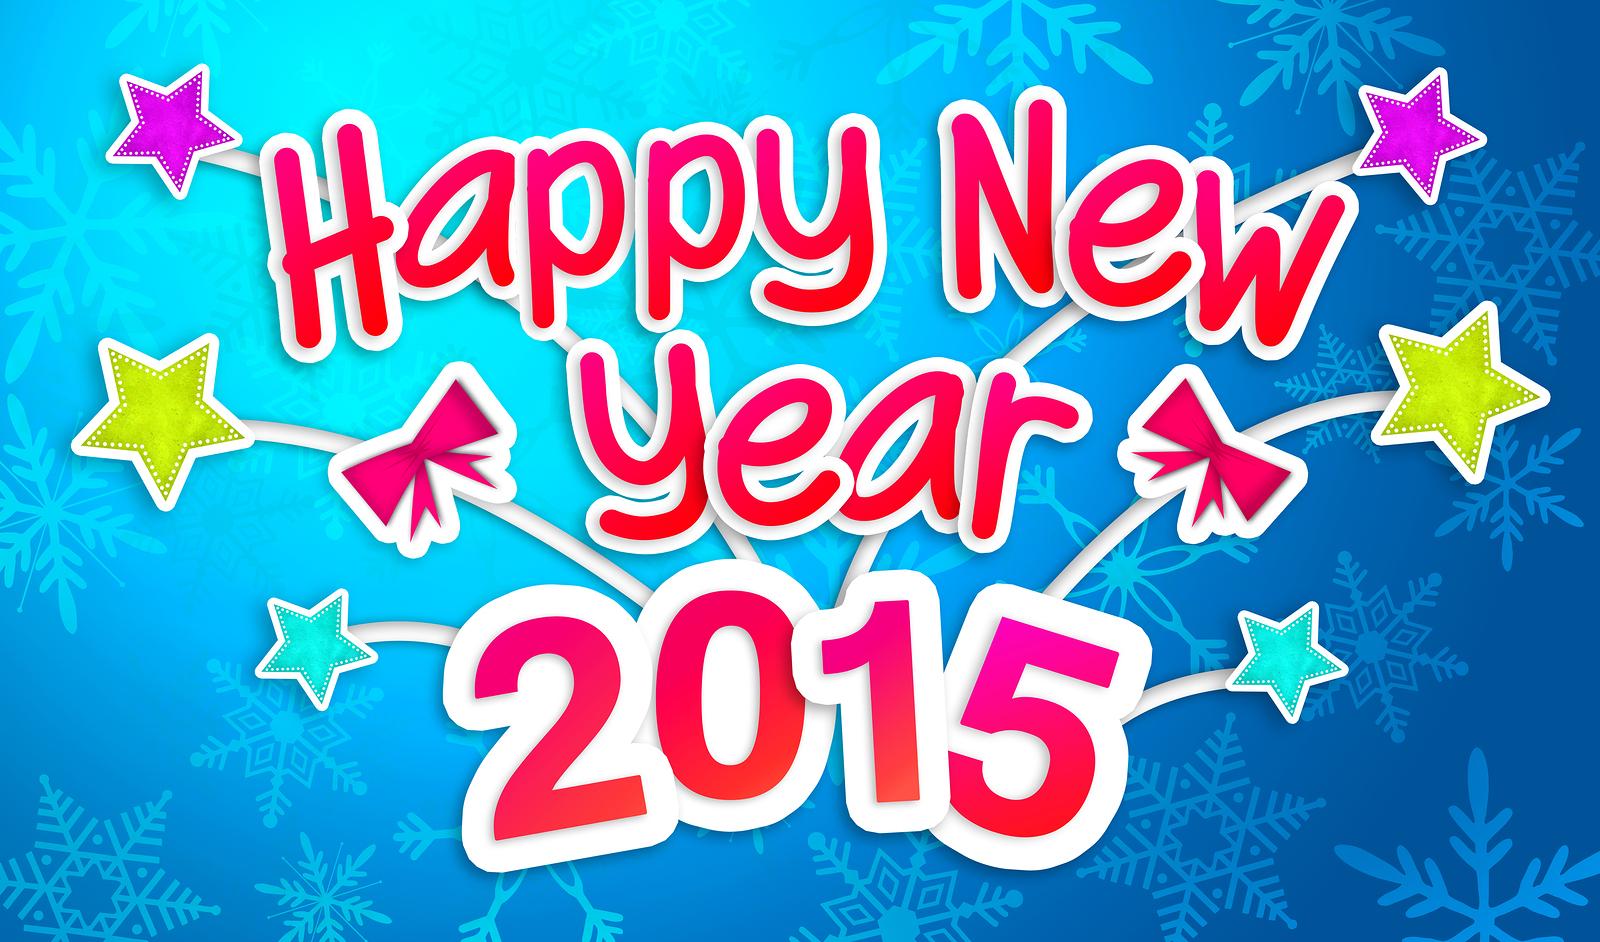 خلفيات للفيس بوك للتهنئة بالعام الجديد 2015